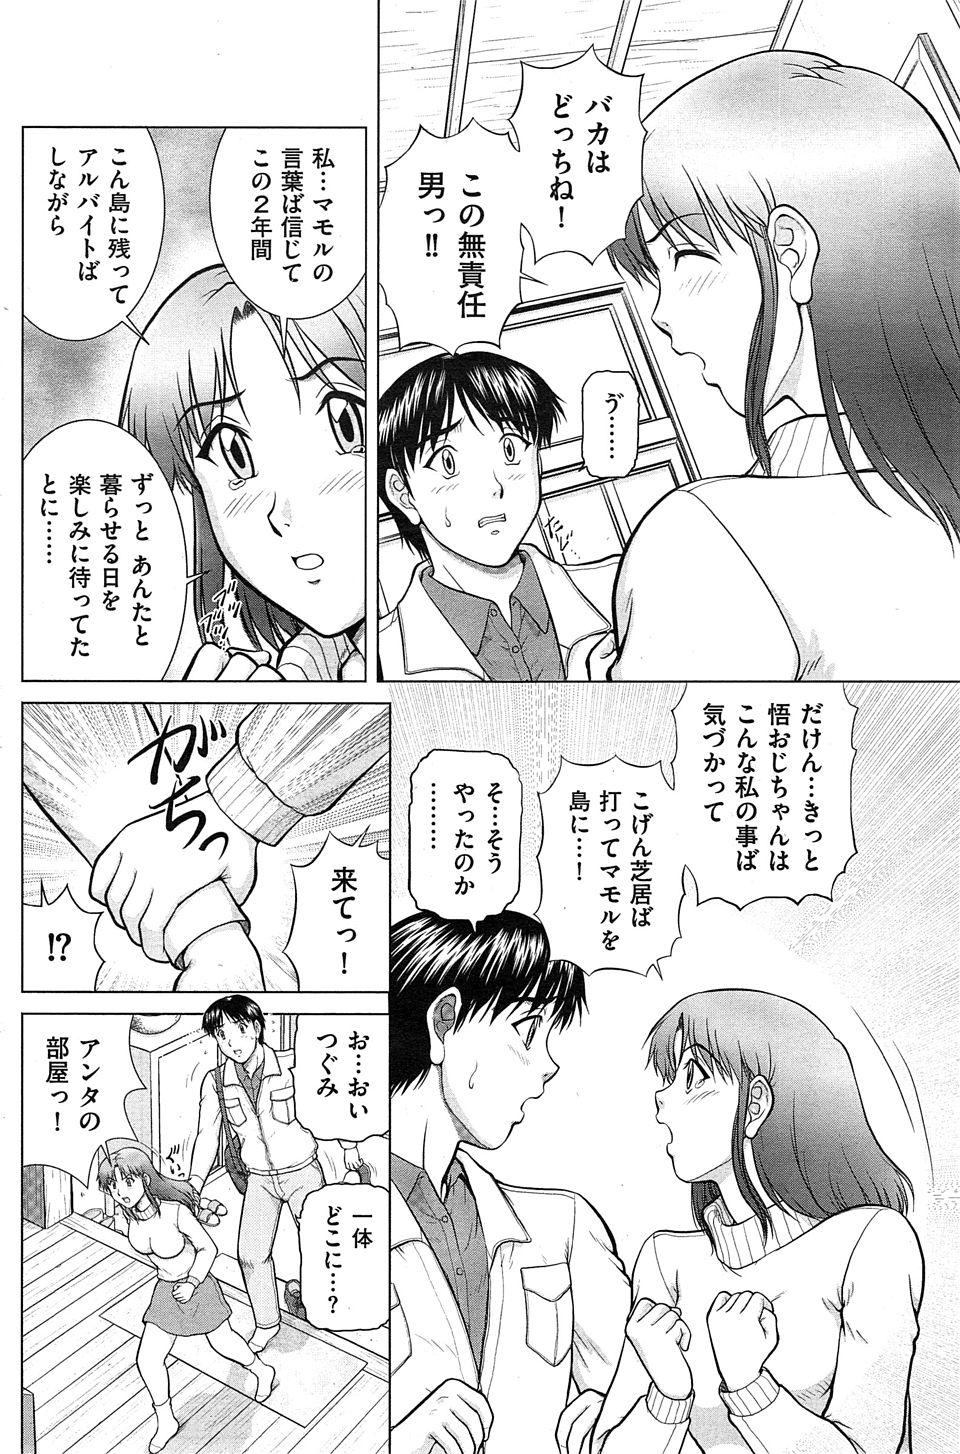 【エロ漫画・エロ同人】久々に田舎に帰って巨乳のイトコとセックスwww (6)